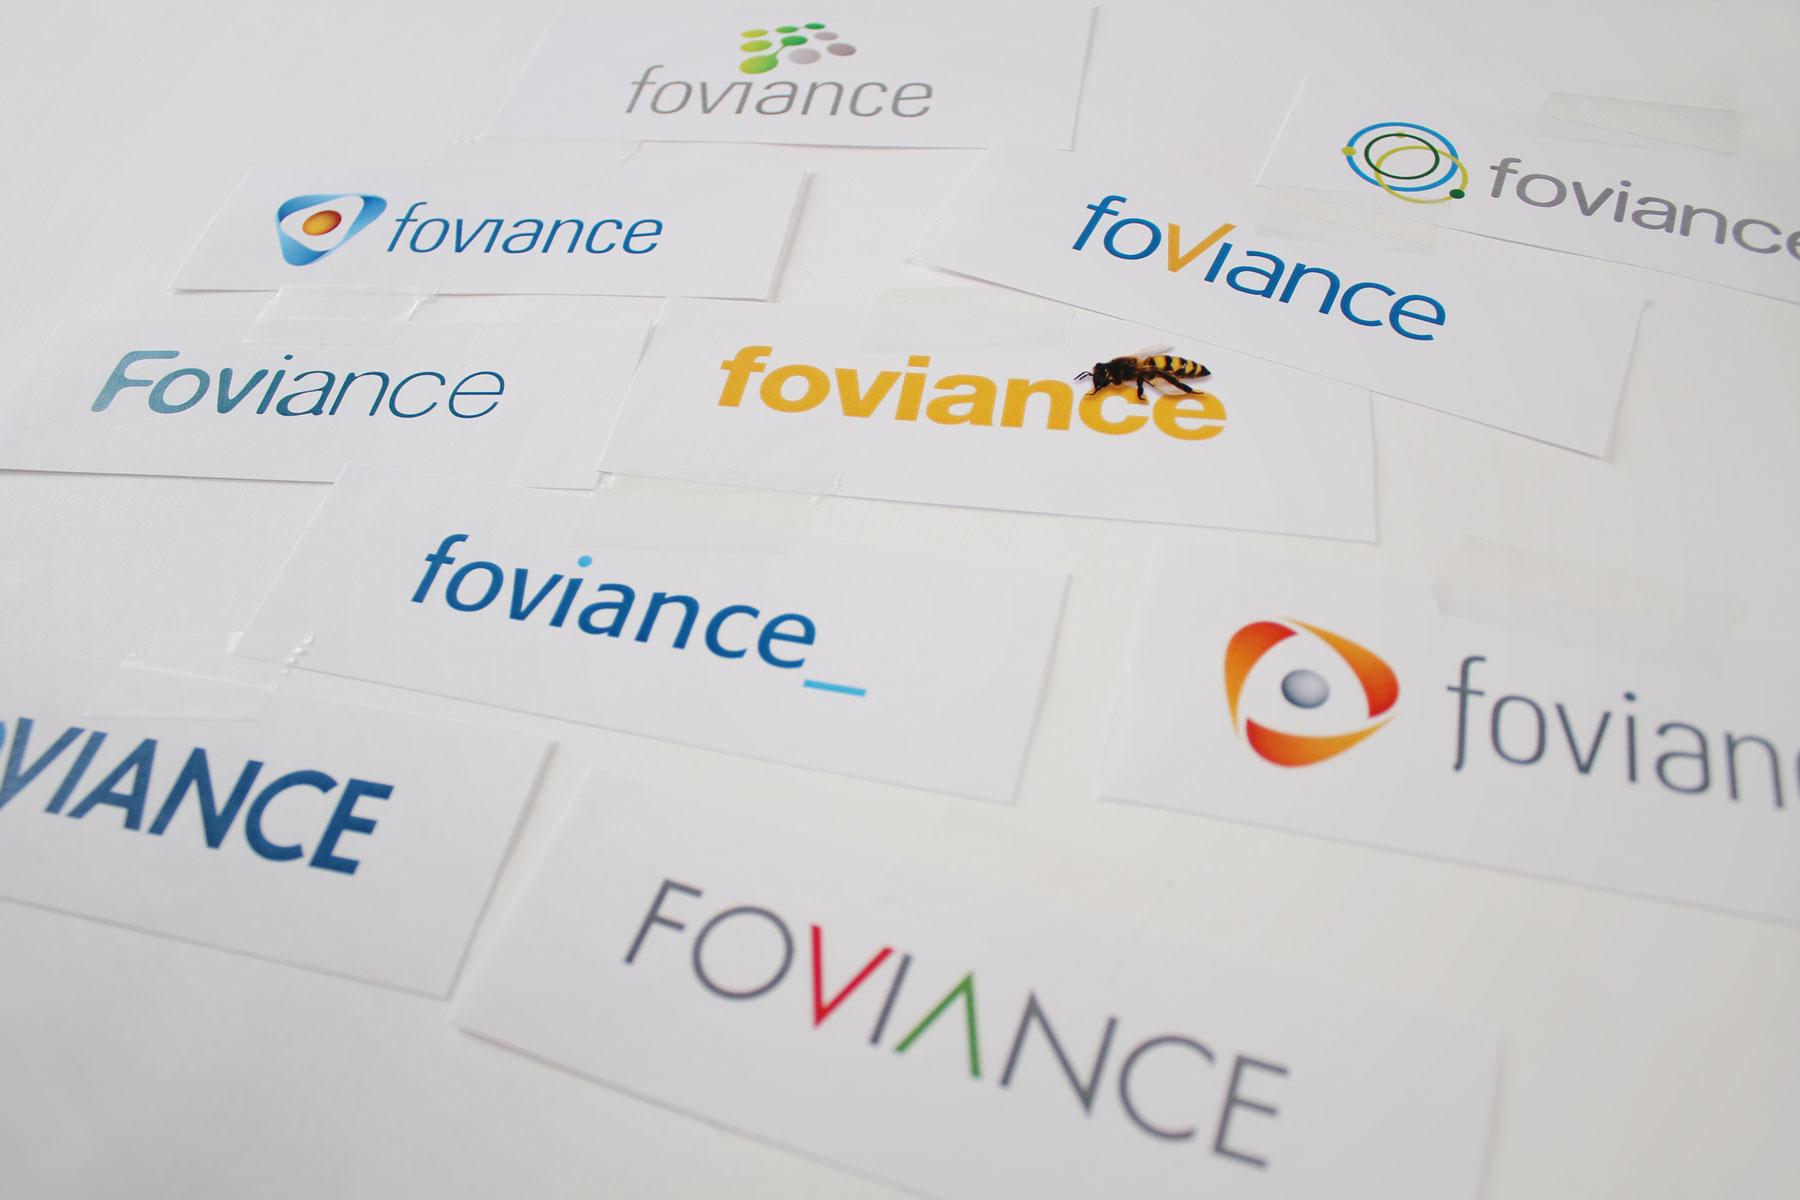 foviance_001